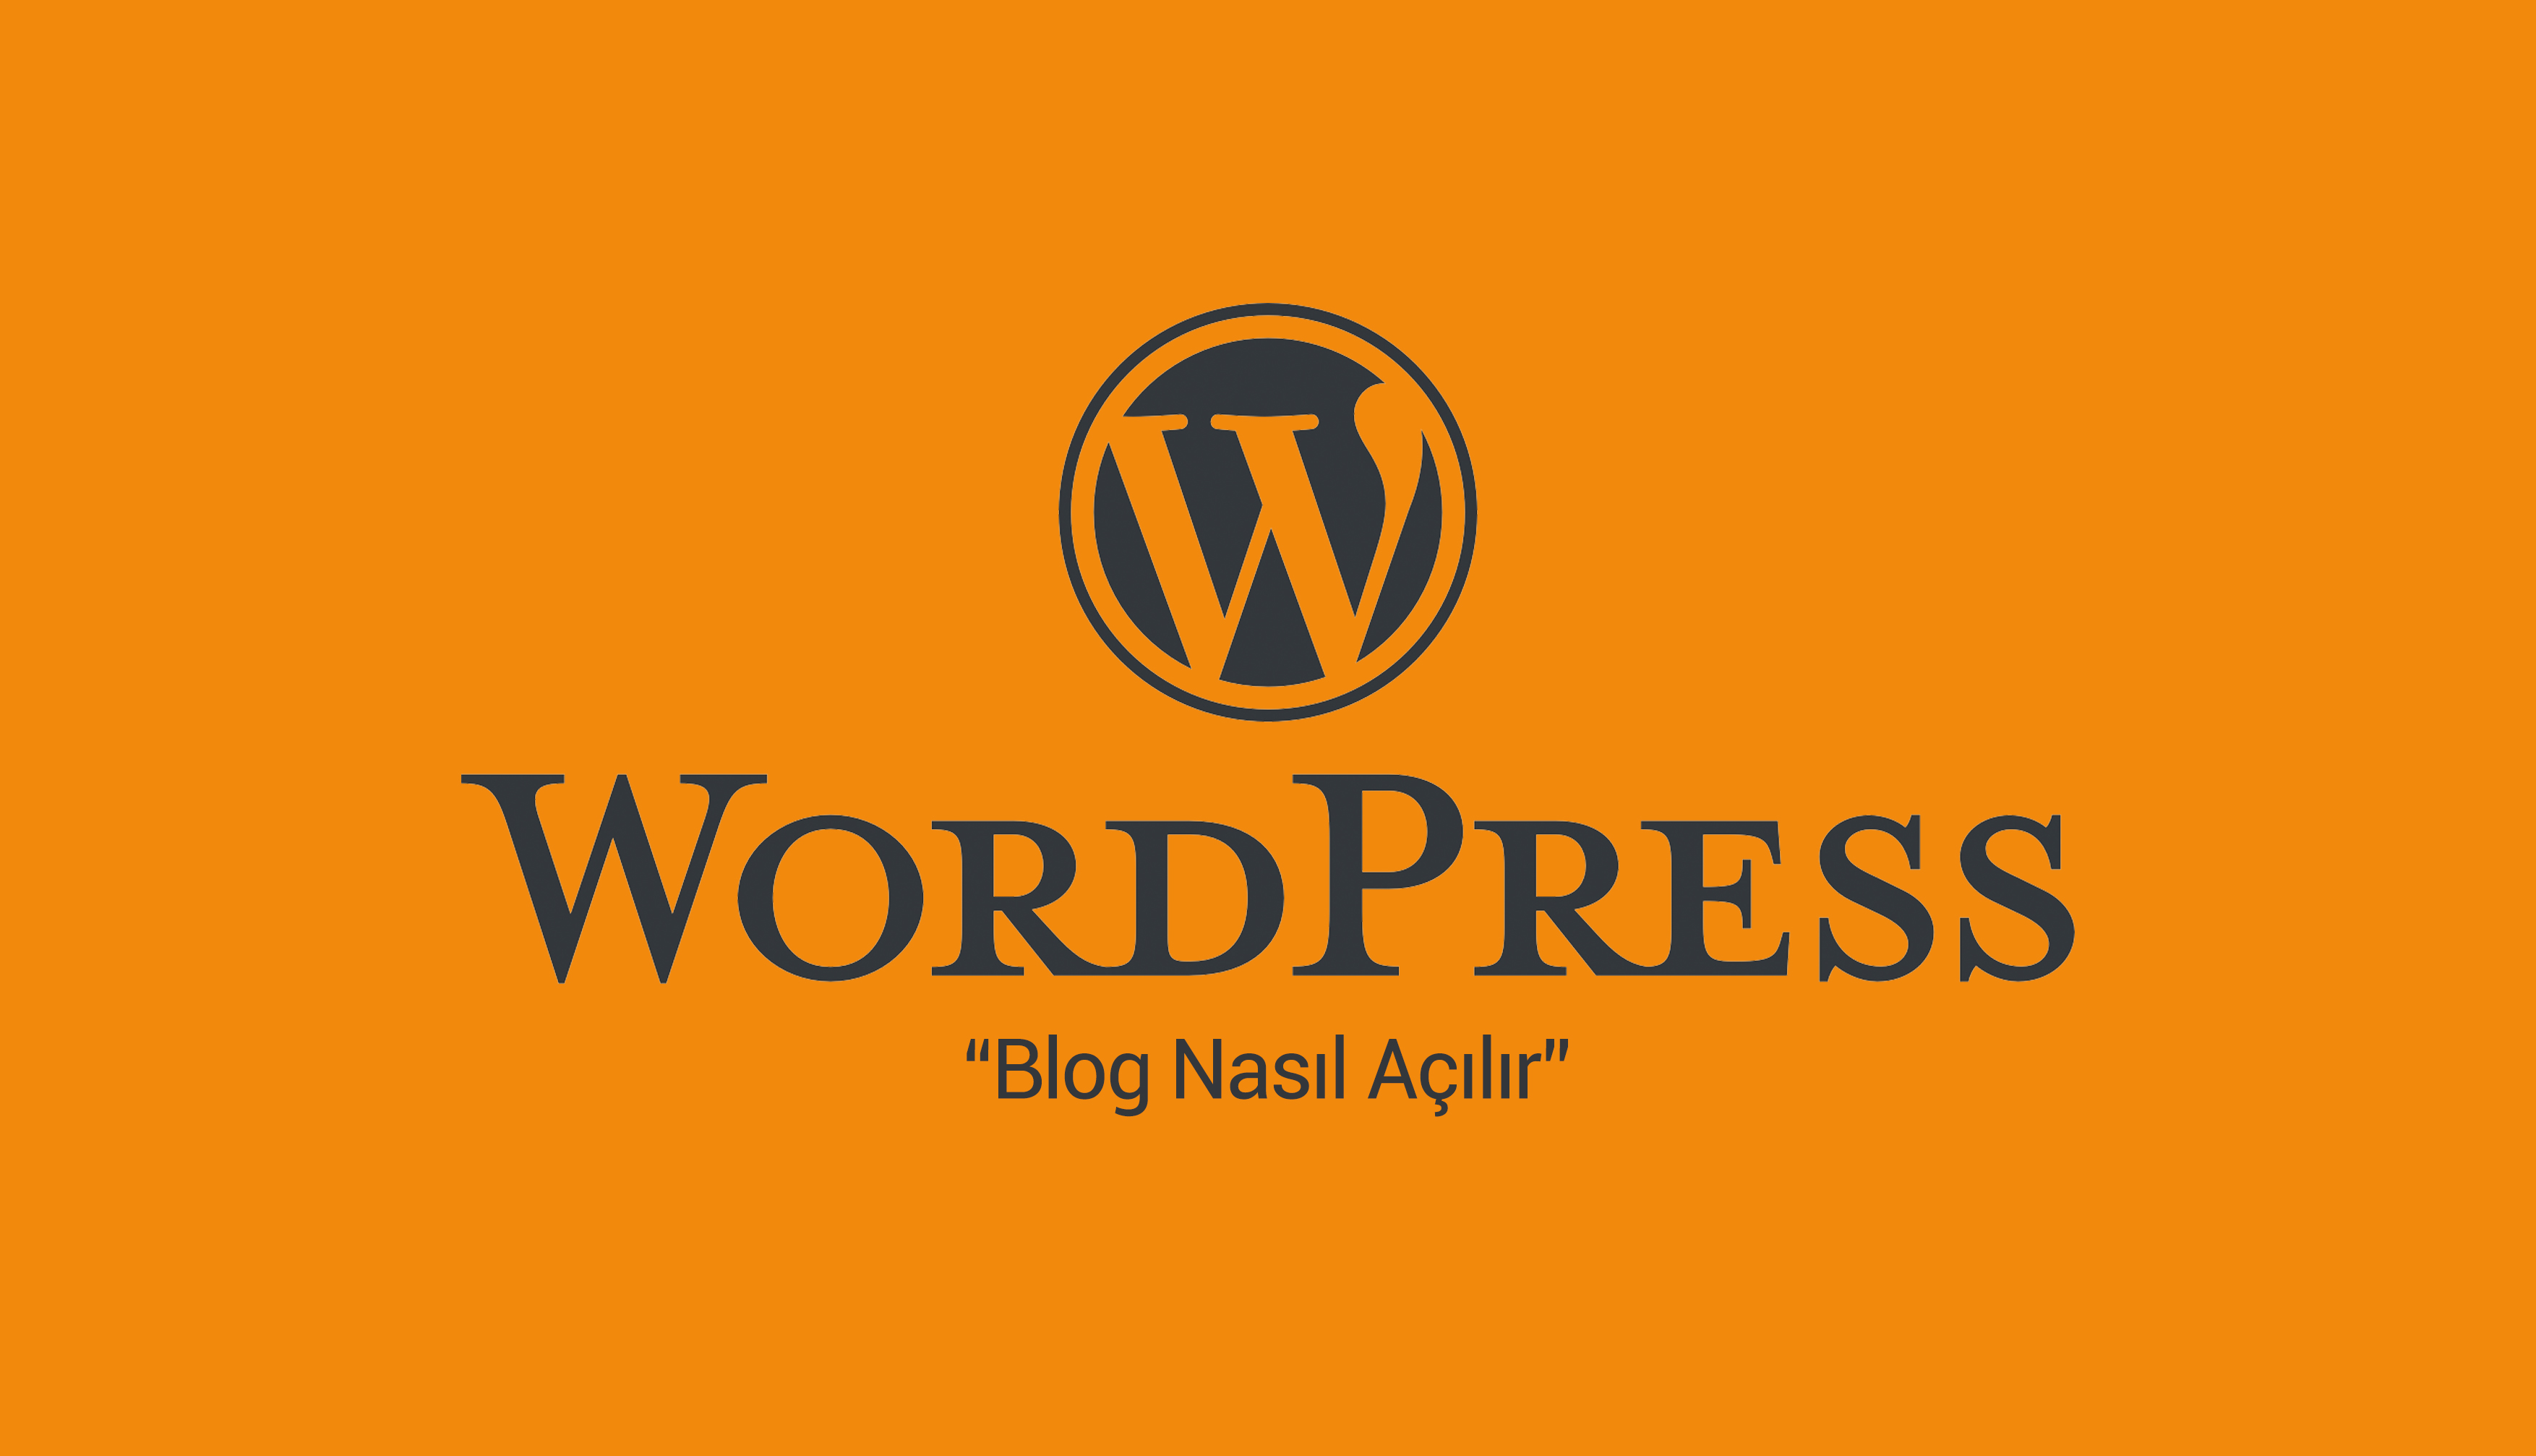 Blog Nasıl Açılır? Kişisel Blog Açmak